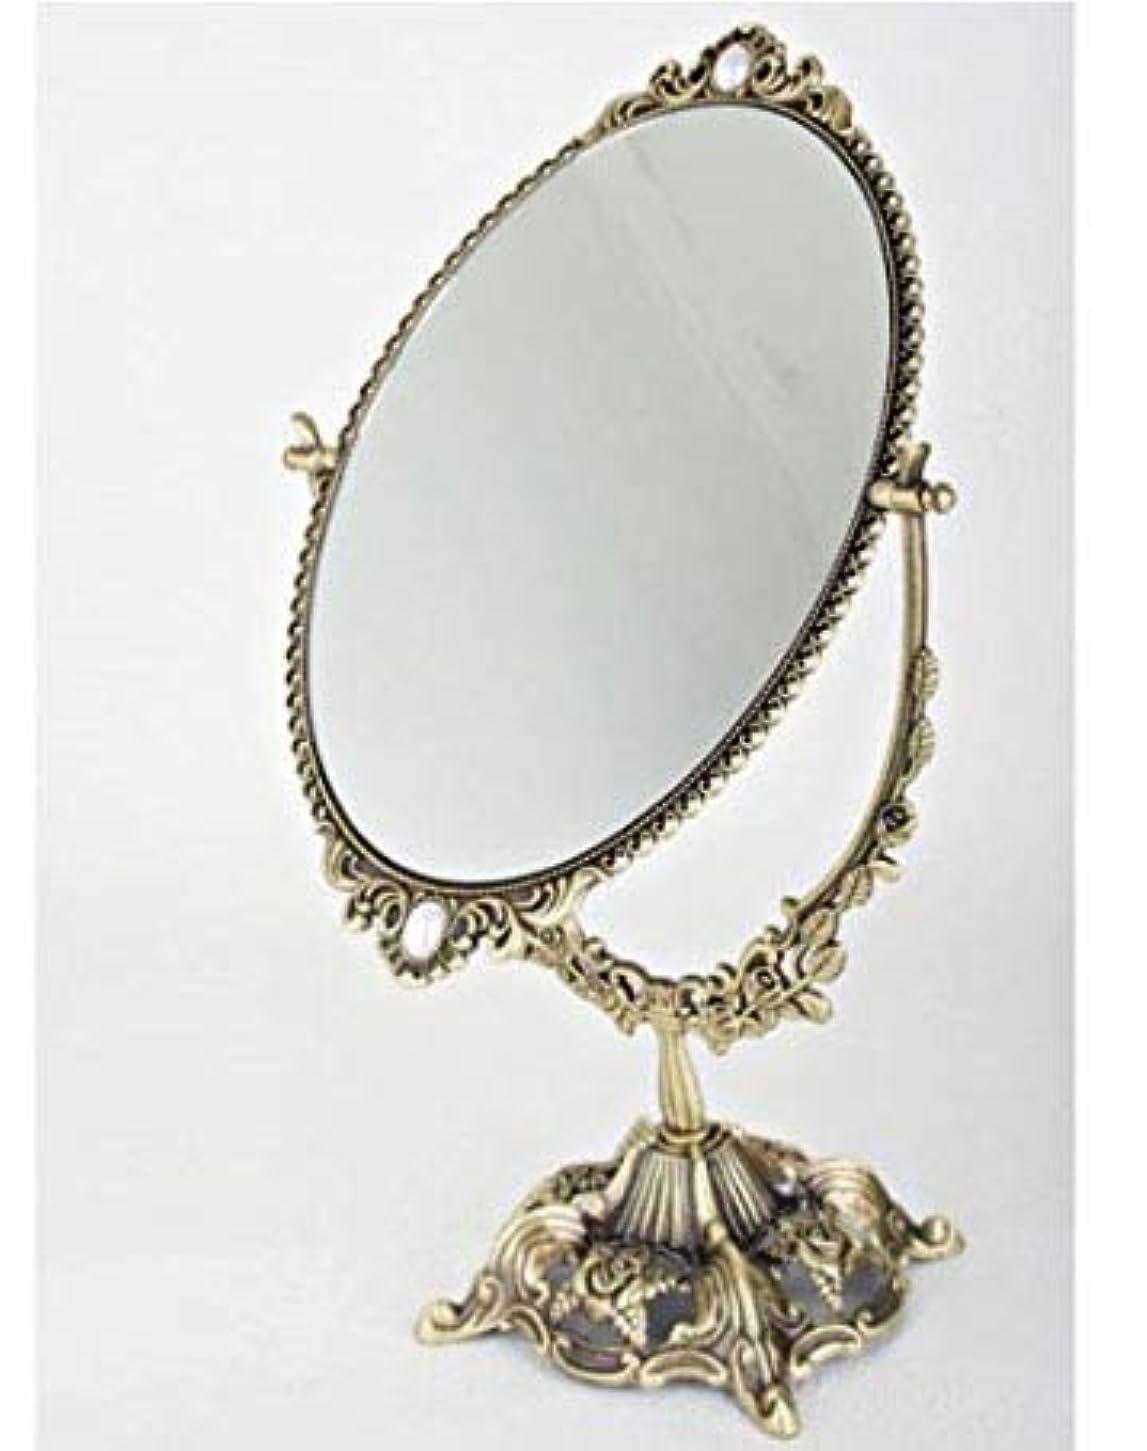 遊びます論争的すなわち銅材質の鏡, アンティーク?両面卓上ミラー … ローズ鏡 大きいサイズ、横21センチx立て38センチ、、